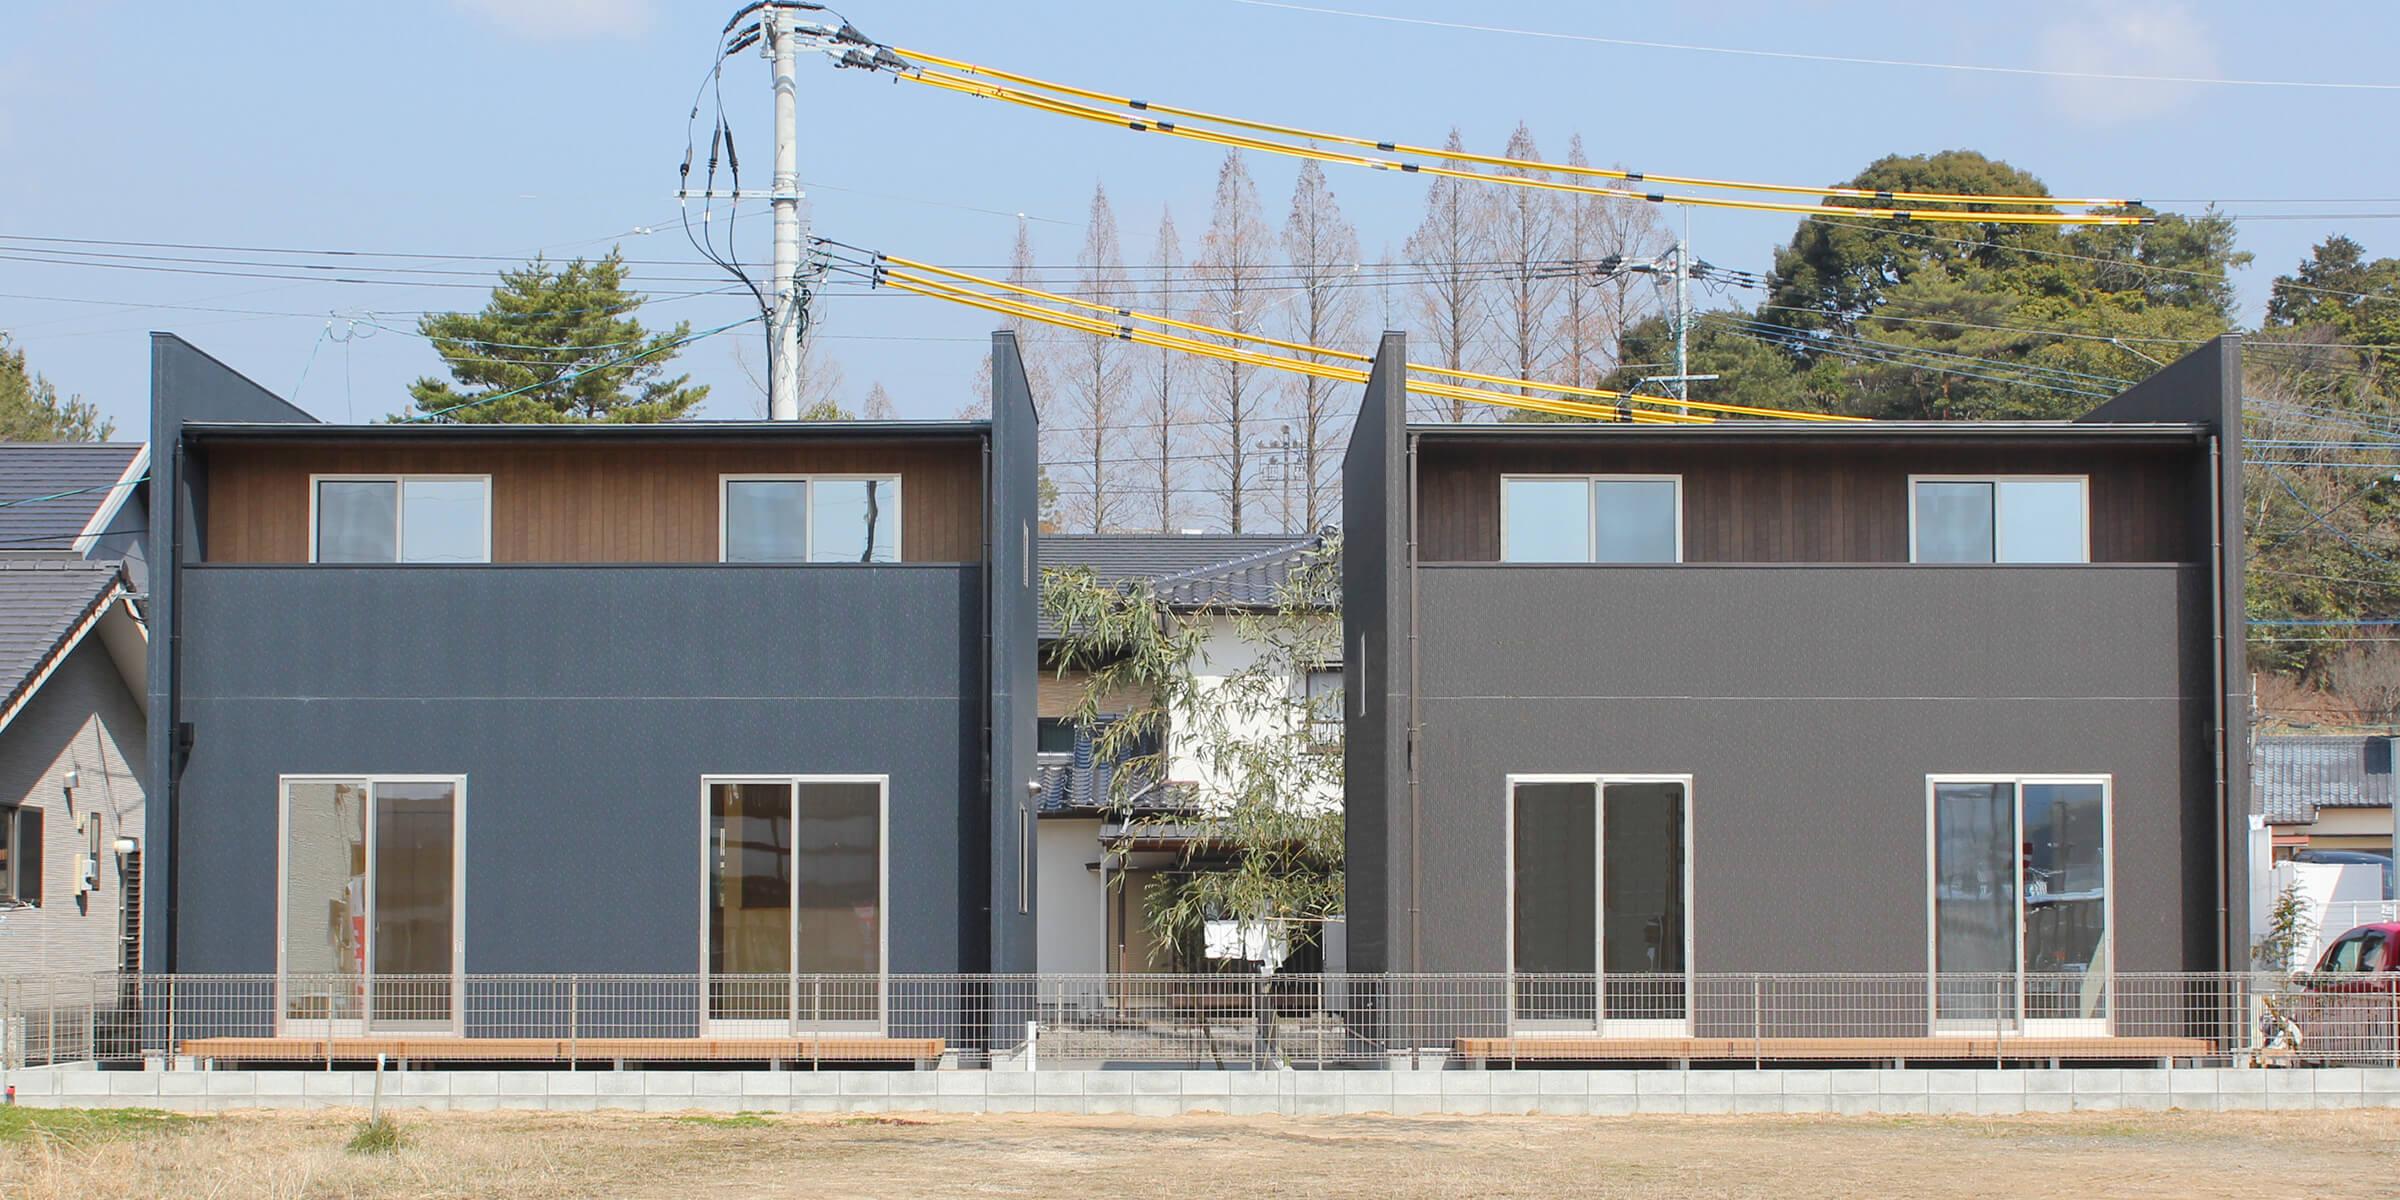 新築一戸建て建売住宅「OURS CASA 多久駅前 A/B号地」外観